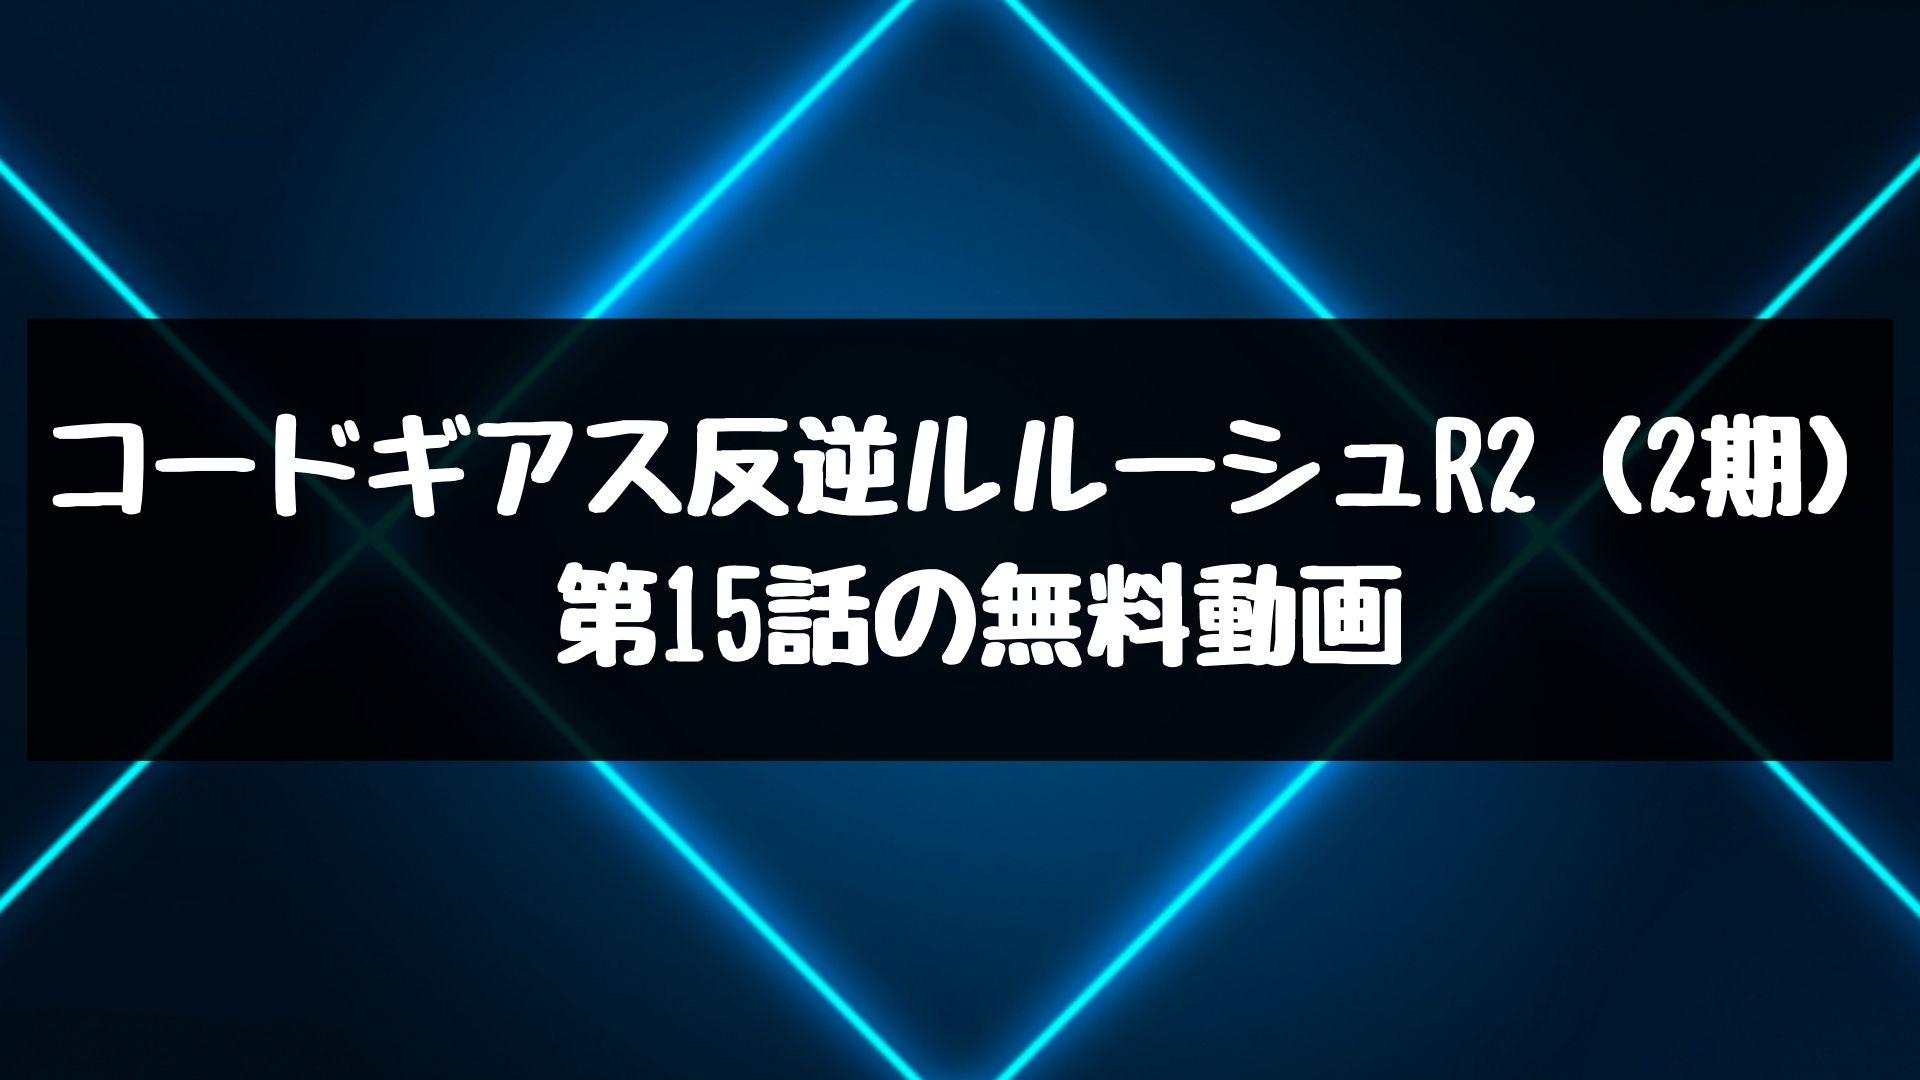 コードギアス反逆ルルーシュR2(2期) 第15話の無料動画